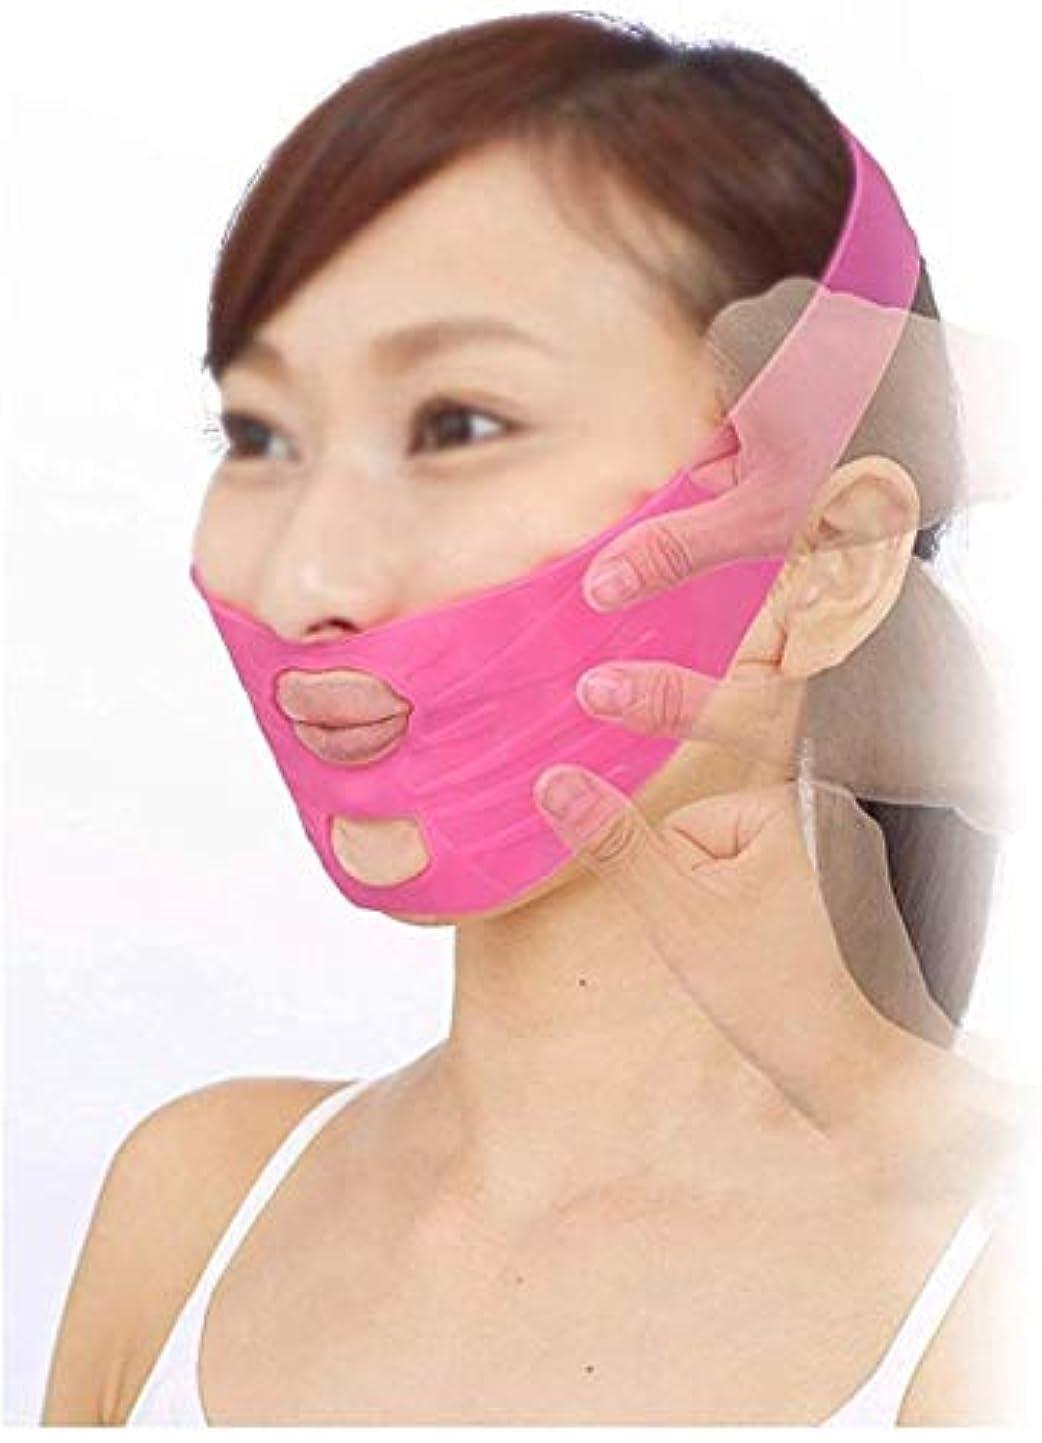 優しさ競争力のある十分ではない美容と実用的なフェイシャルマスク、リフティングアーティファクトフェイスマスク小さなV顔包帯でたるみ顔通気性睡眠顔ダブルあごセット睡眠弾性Slim身ベルト